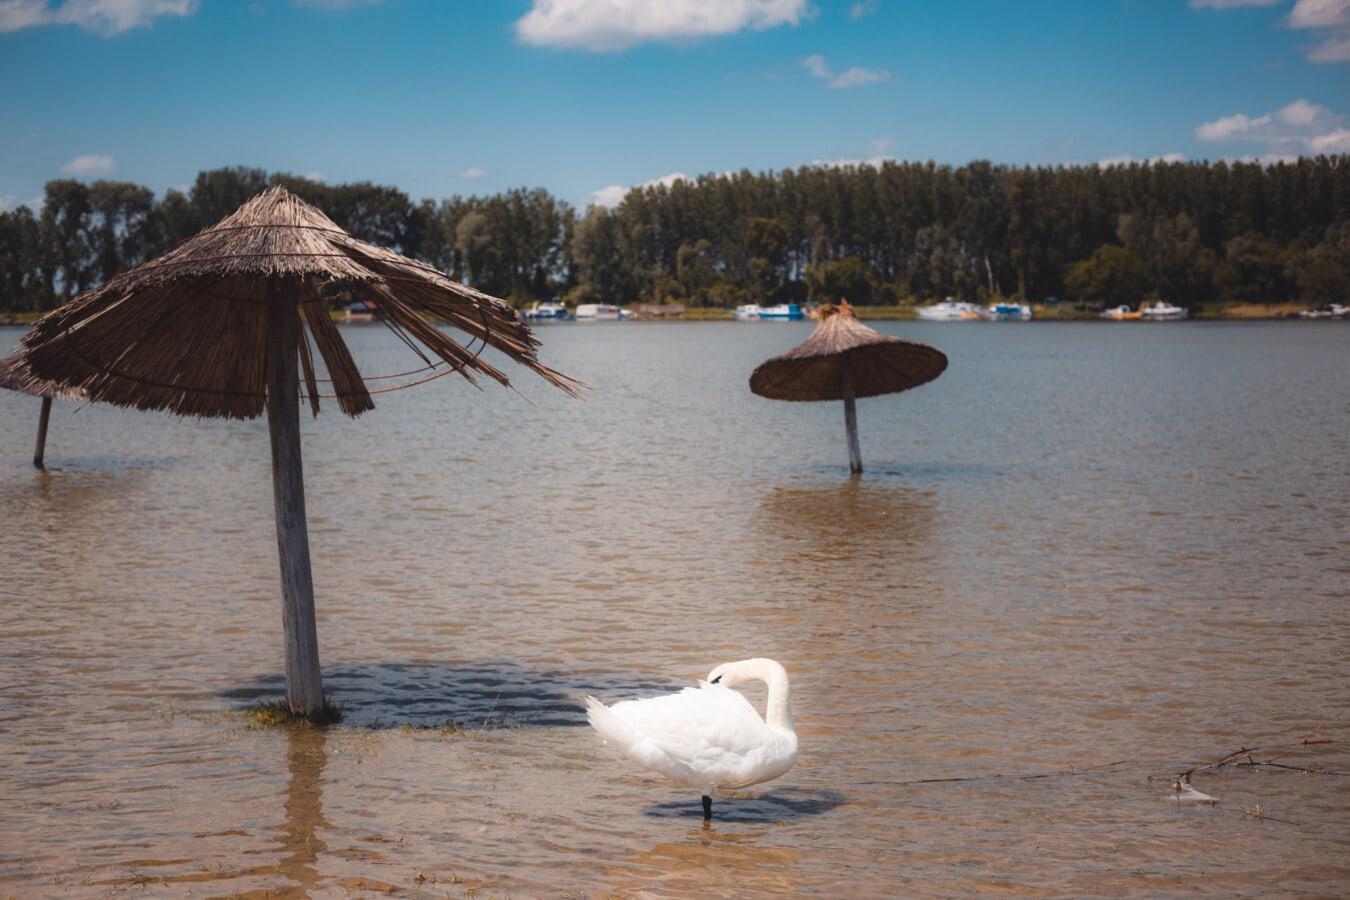 Schwan, tropische, Strand, Sommersaison, Sonnenschirm, Wasser, Natur, See, Sonne, Sommer